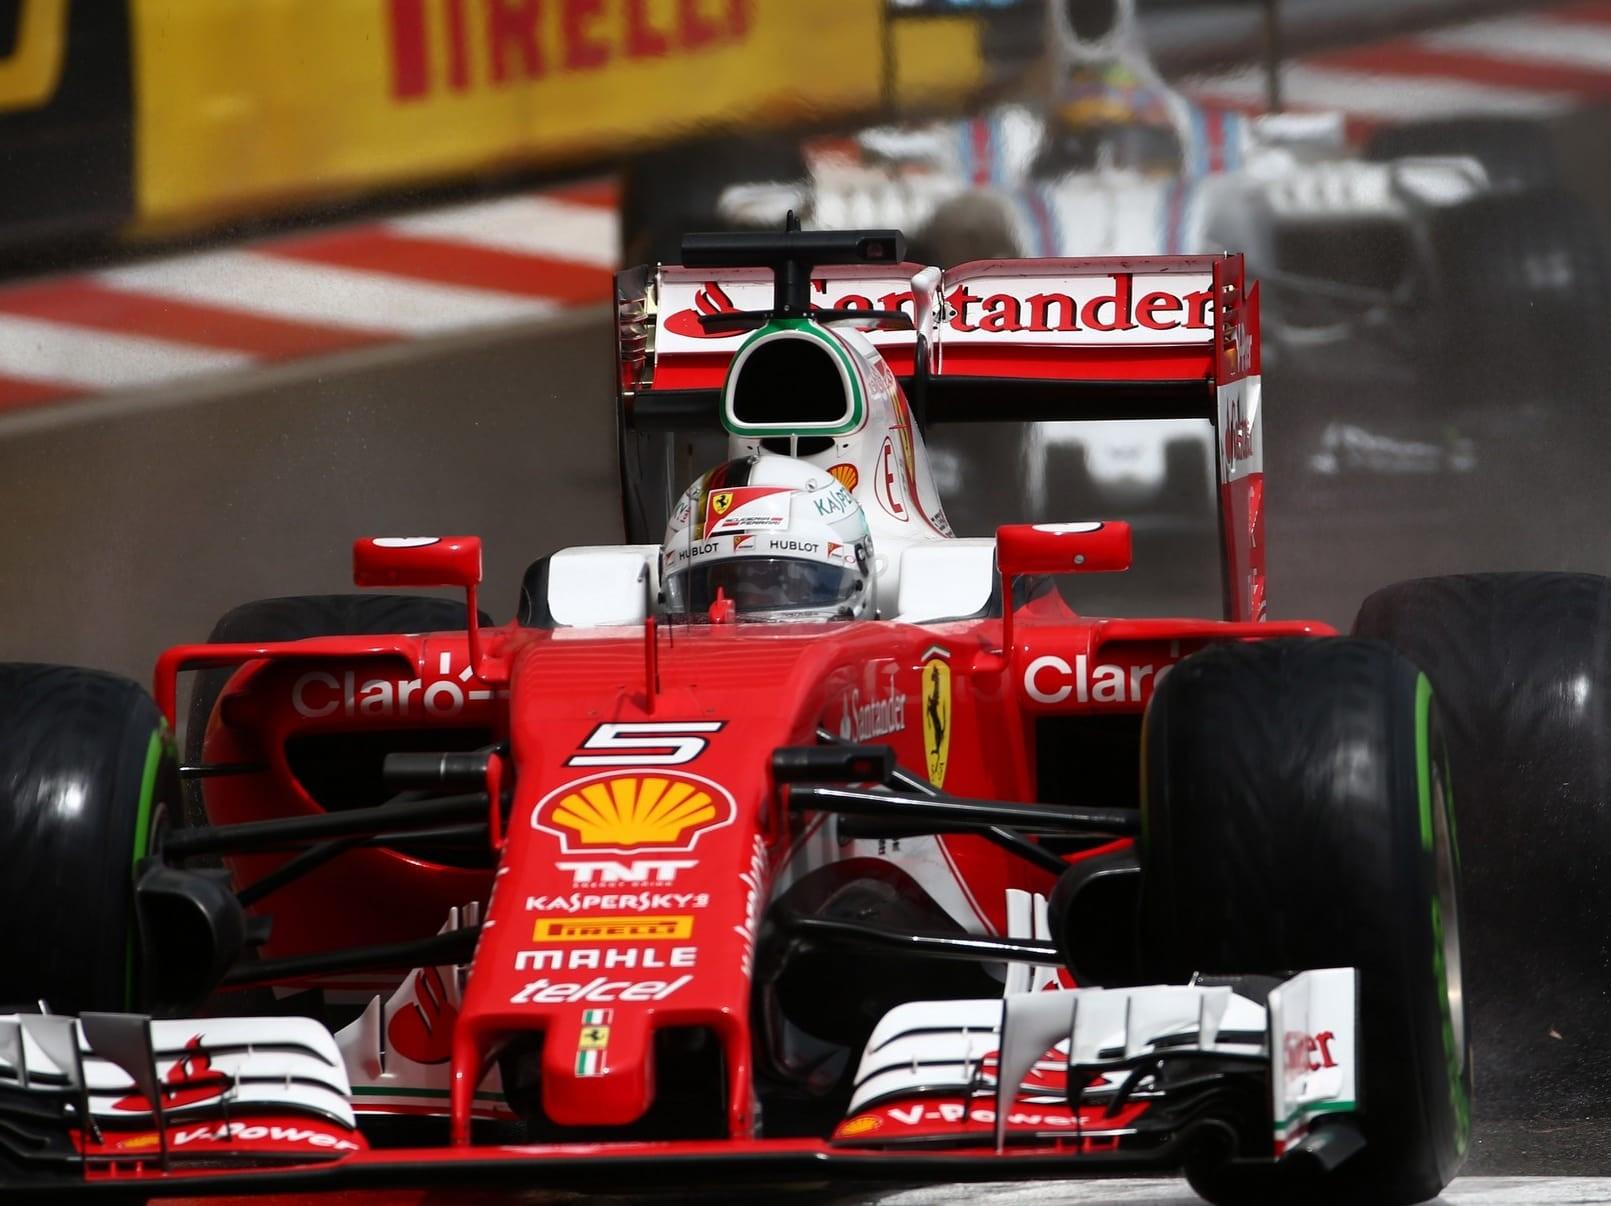 Ricciardo finishes second at the Monaco Grand Prix